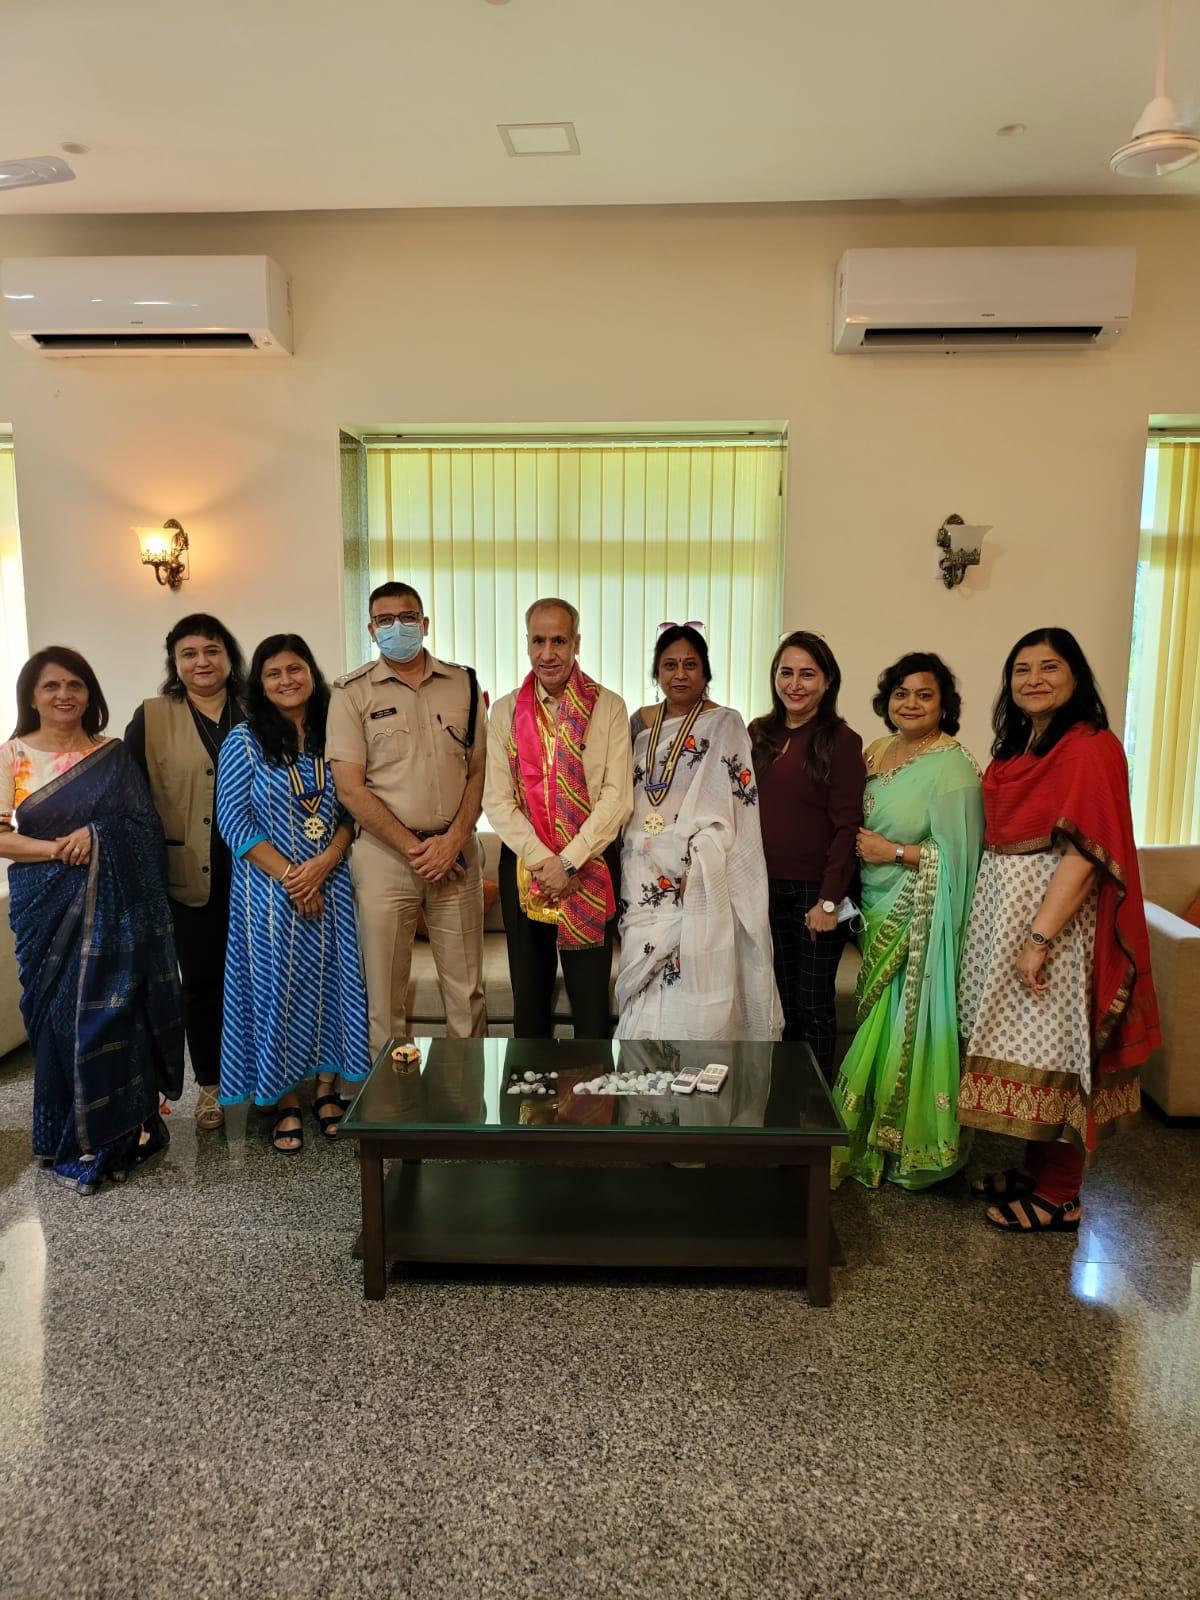 Members of Rotary Club Udaipur Meera met DGP M.L. Lather